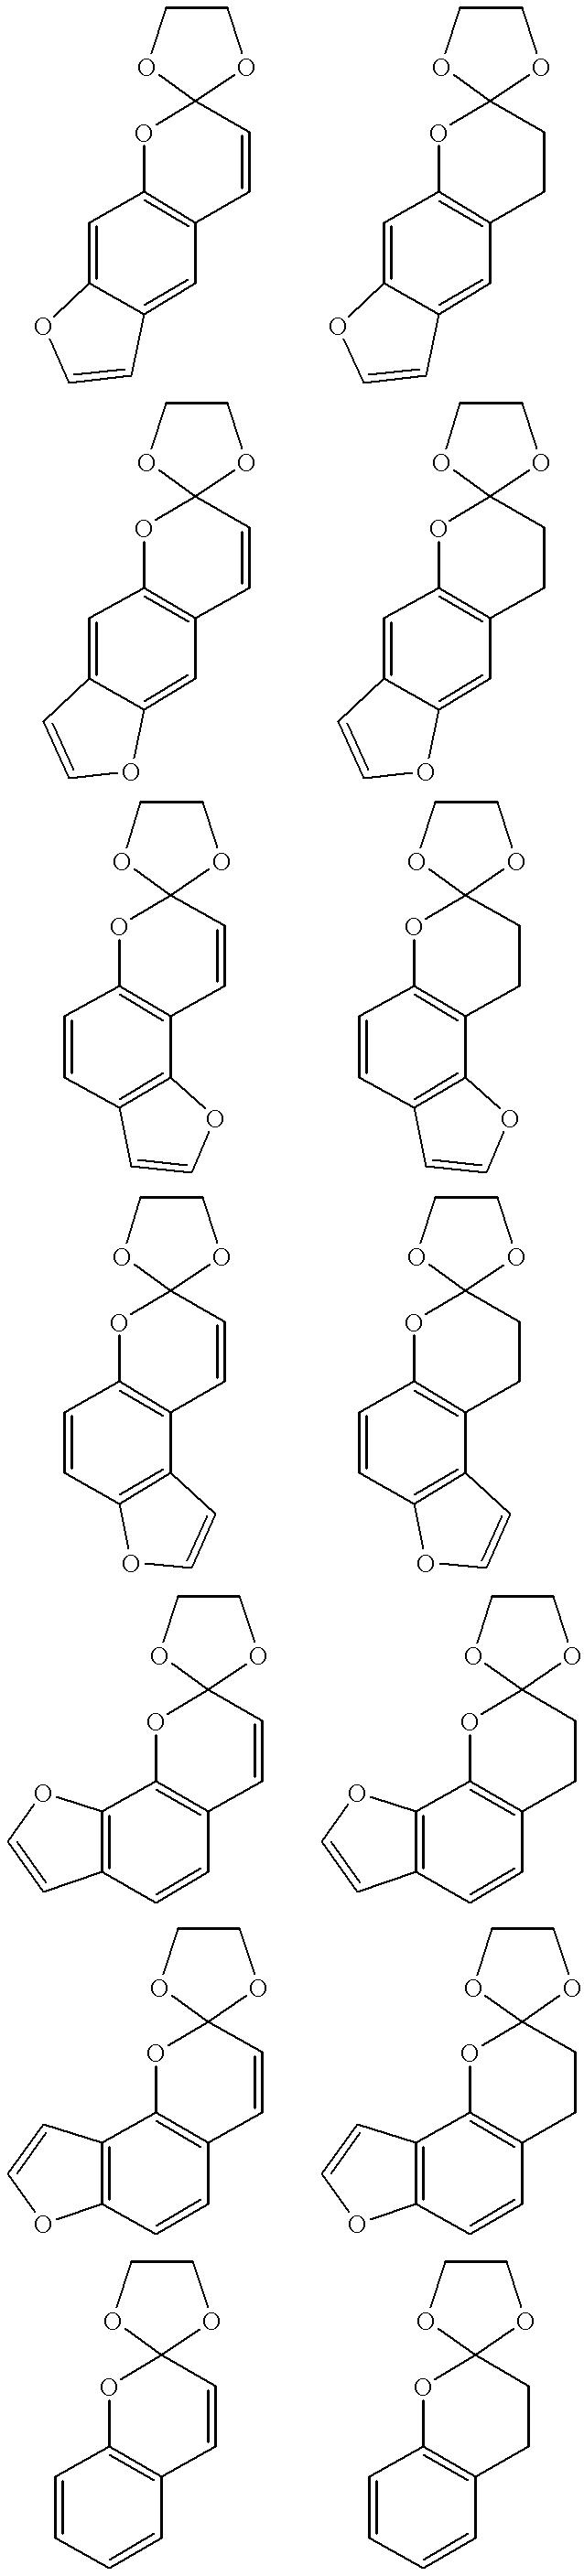 Figure US06248776-20010619-C00018